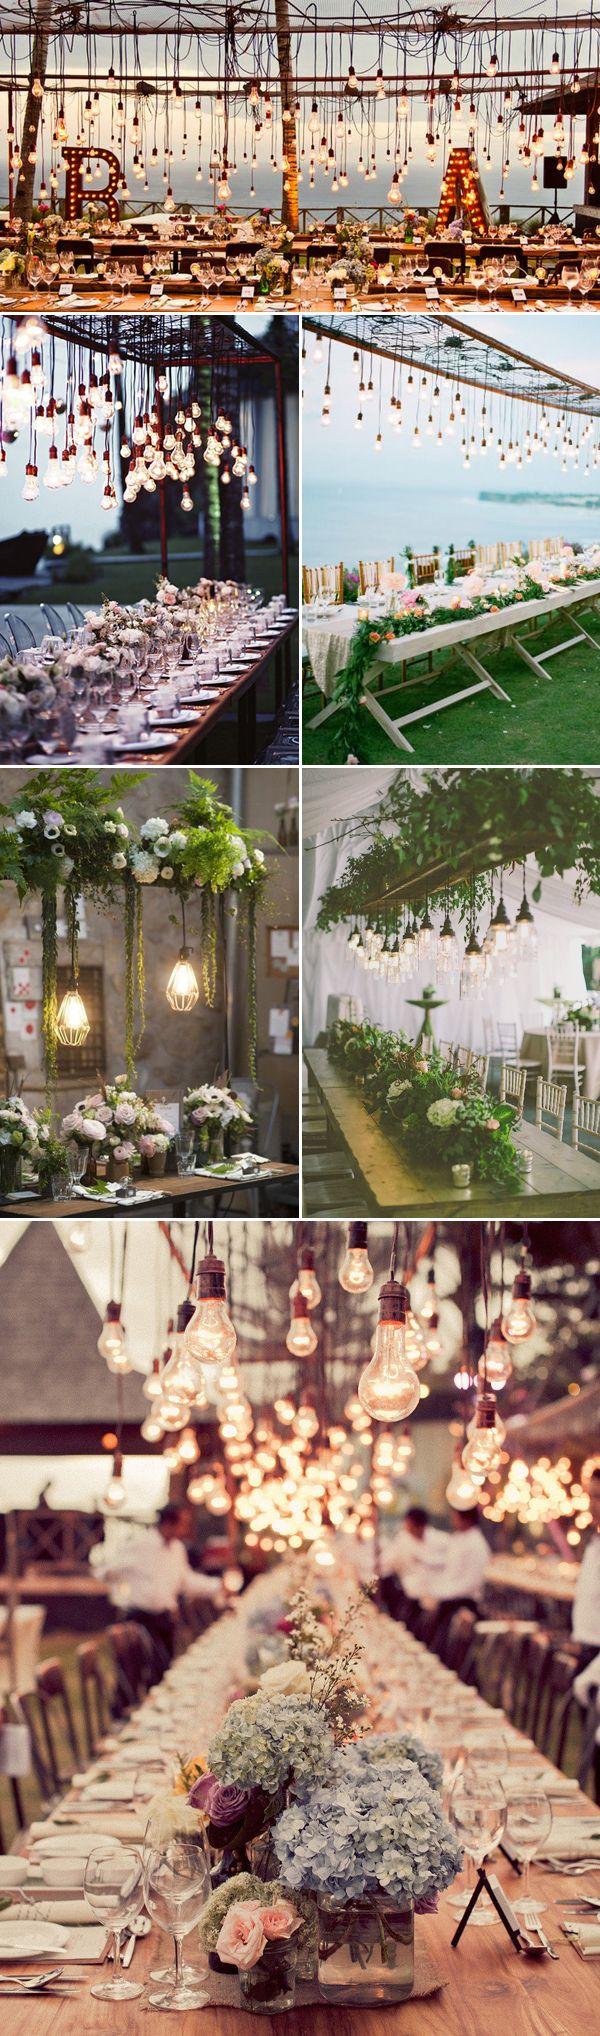 Muy importante elegir una buena iluminación #boda #iluminacion #eventos #inspiracion